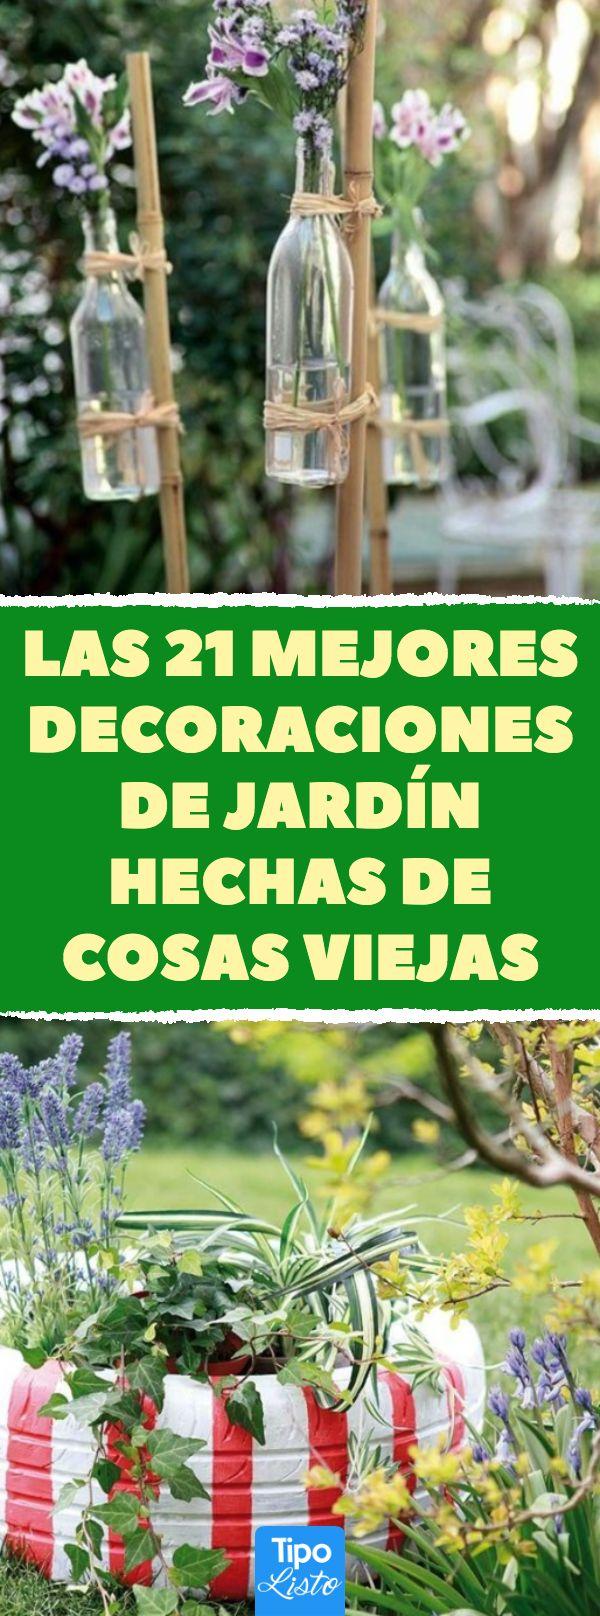 Las 21 mejores decoraciones de jardín hechas de cosas viejas 21 ideas de recicl…